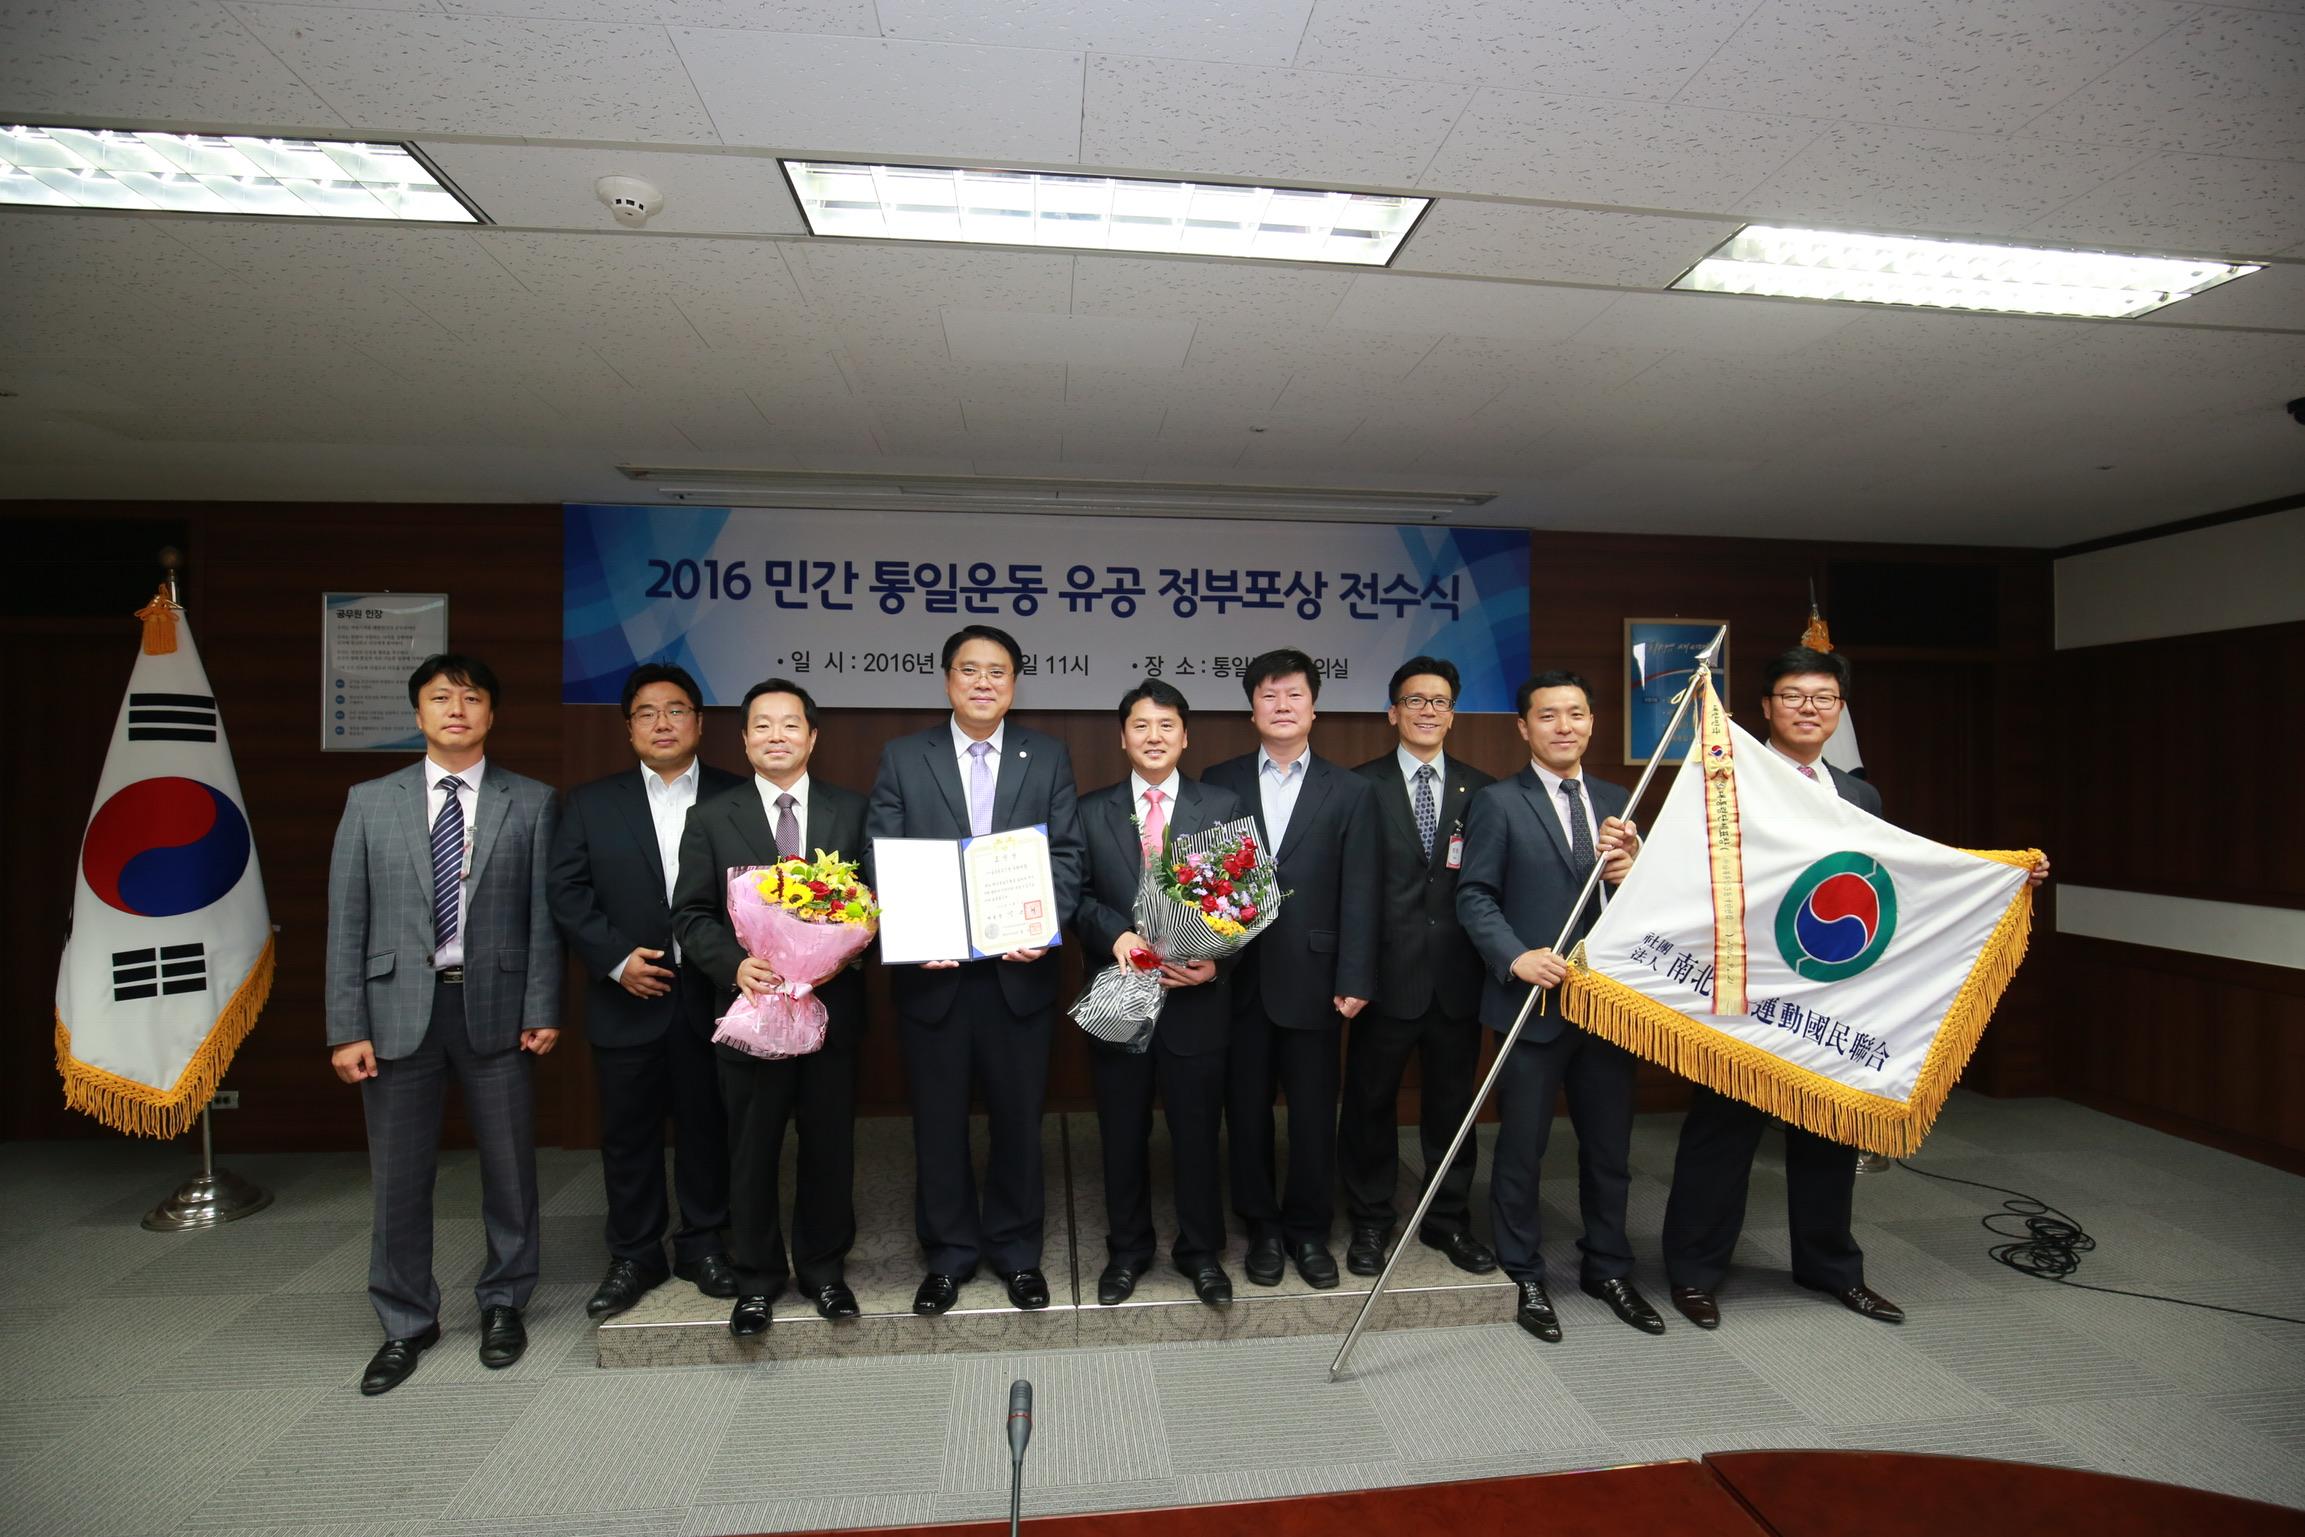 7. 국민연합 직원들.jpg